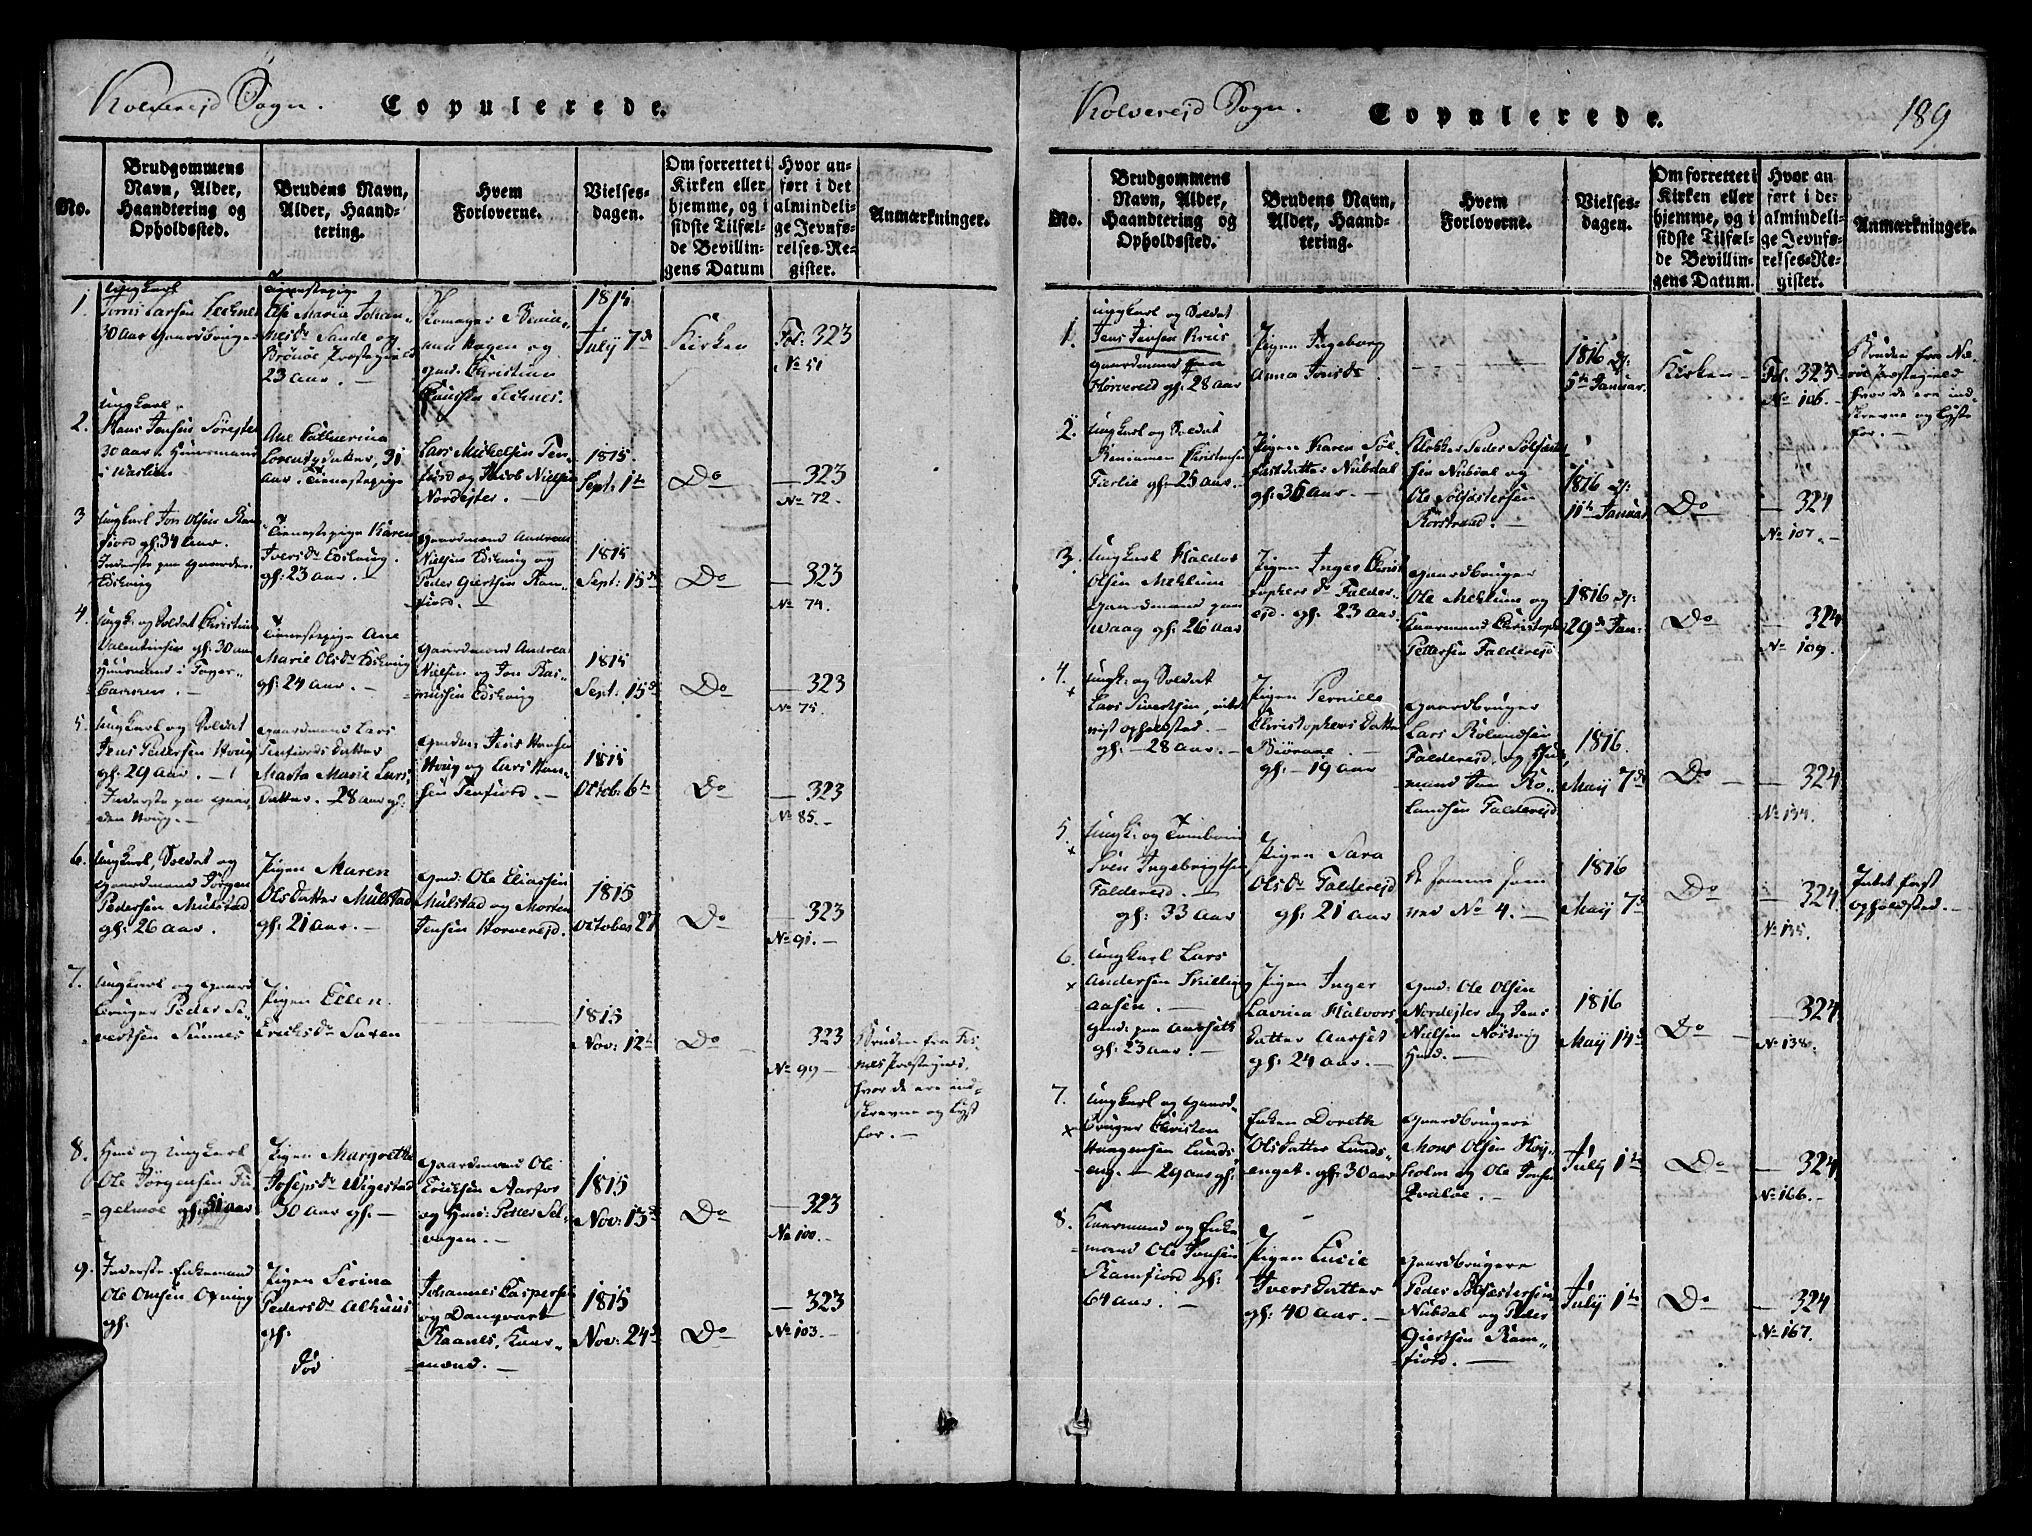 SAT, Ministerialprotokoller, klokkerbøker og fødselsregistre - Nord-Trøndelag, 780/L0636: Ministerialbok nr. 780A03 /1, 1815-1830, s. 189